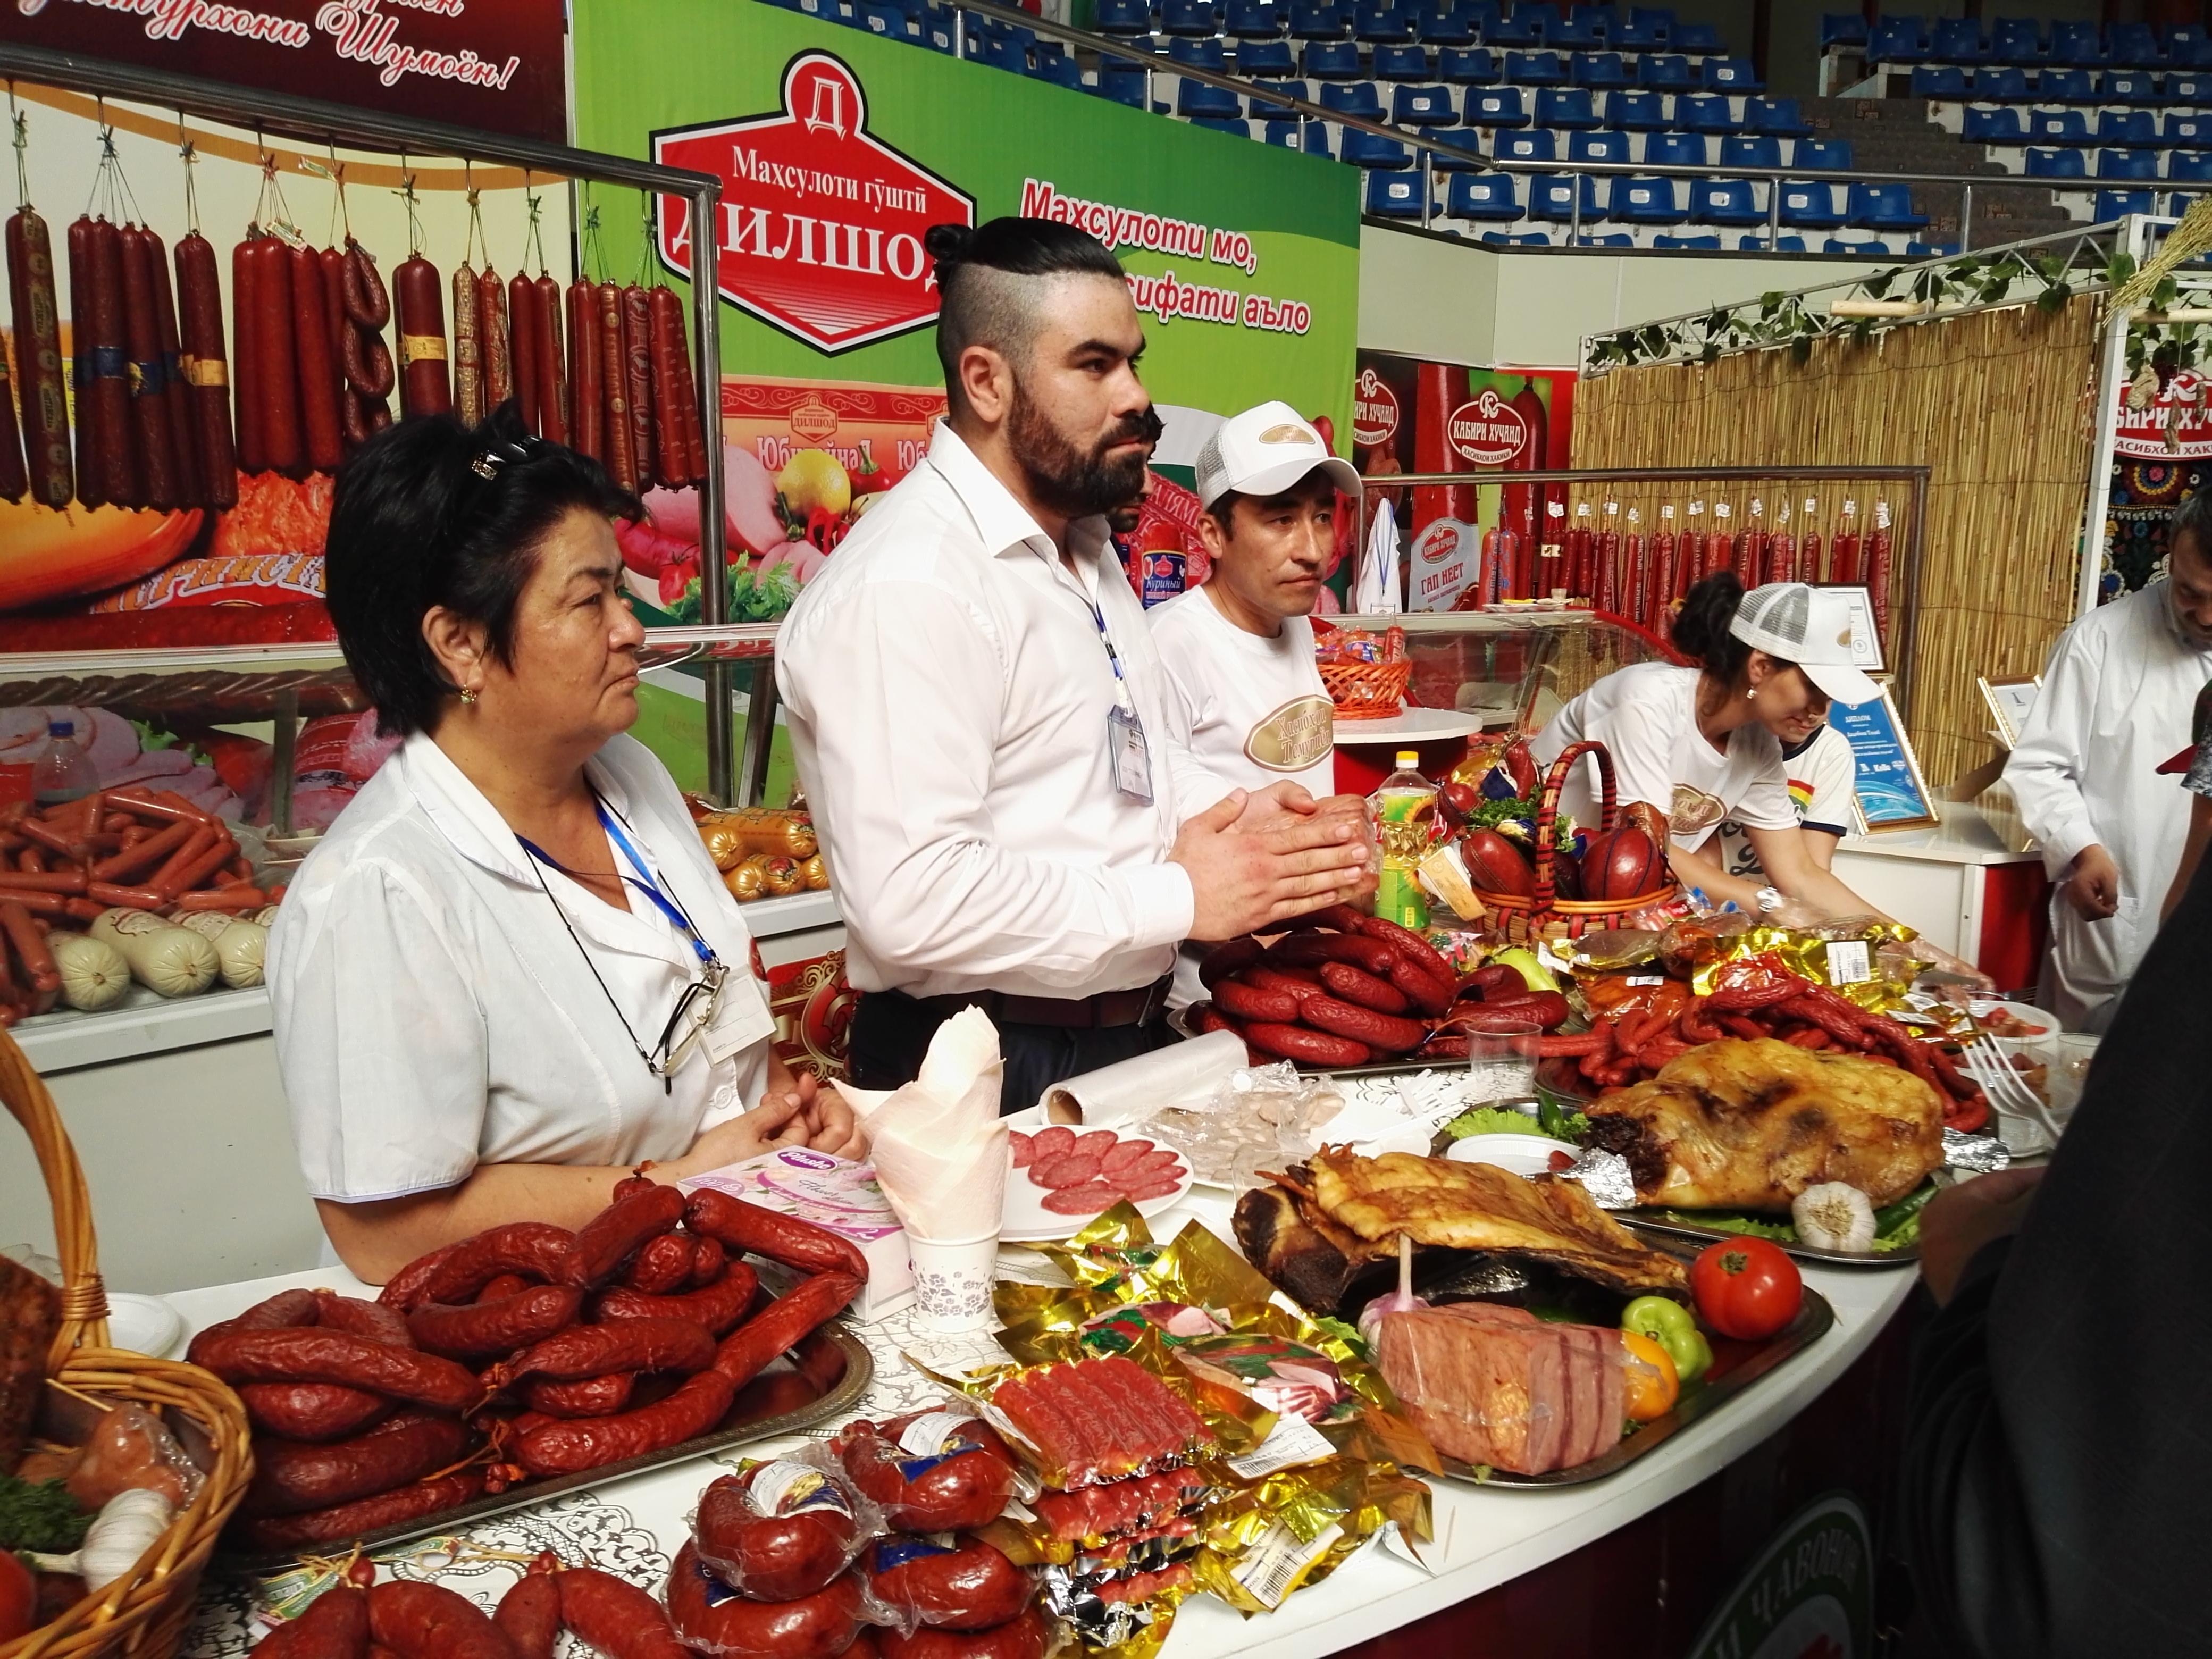 Таджикские производители готовы отвечать на вопросы и раздавать образцы местных колбасных изделий на ярмарке «Сугд-2017». Худжанд, 17 июня. [Негматулло Мирсаидов]